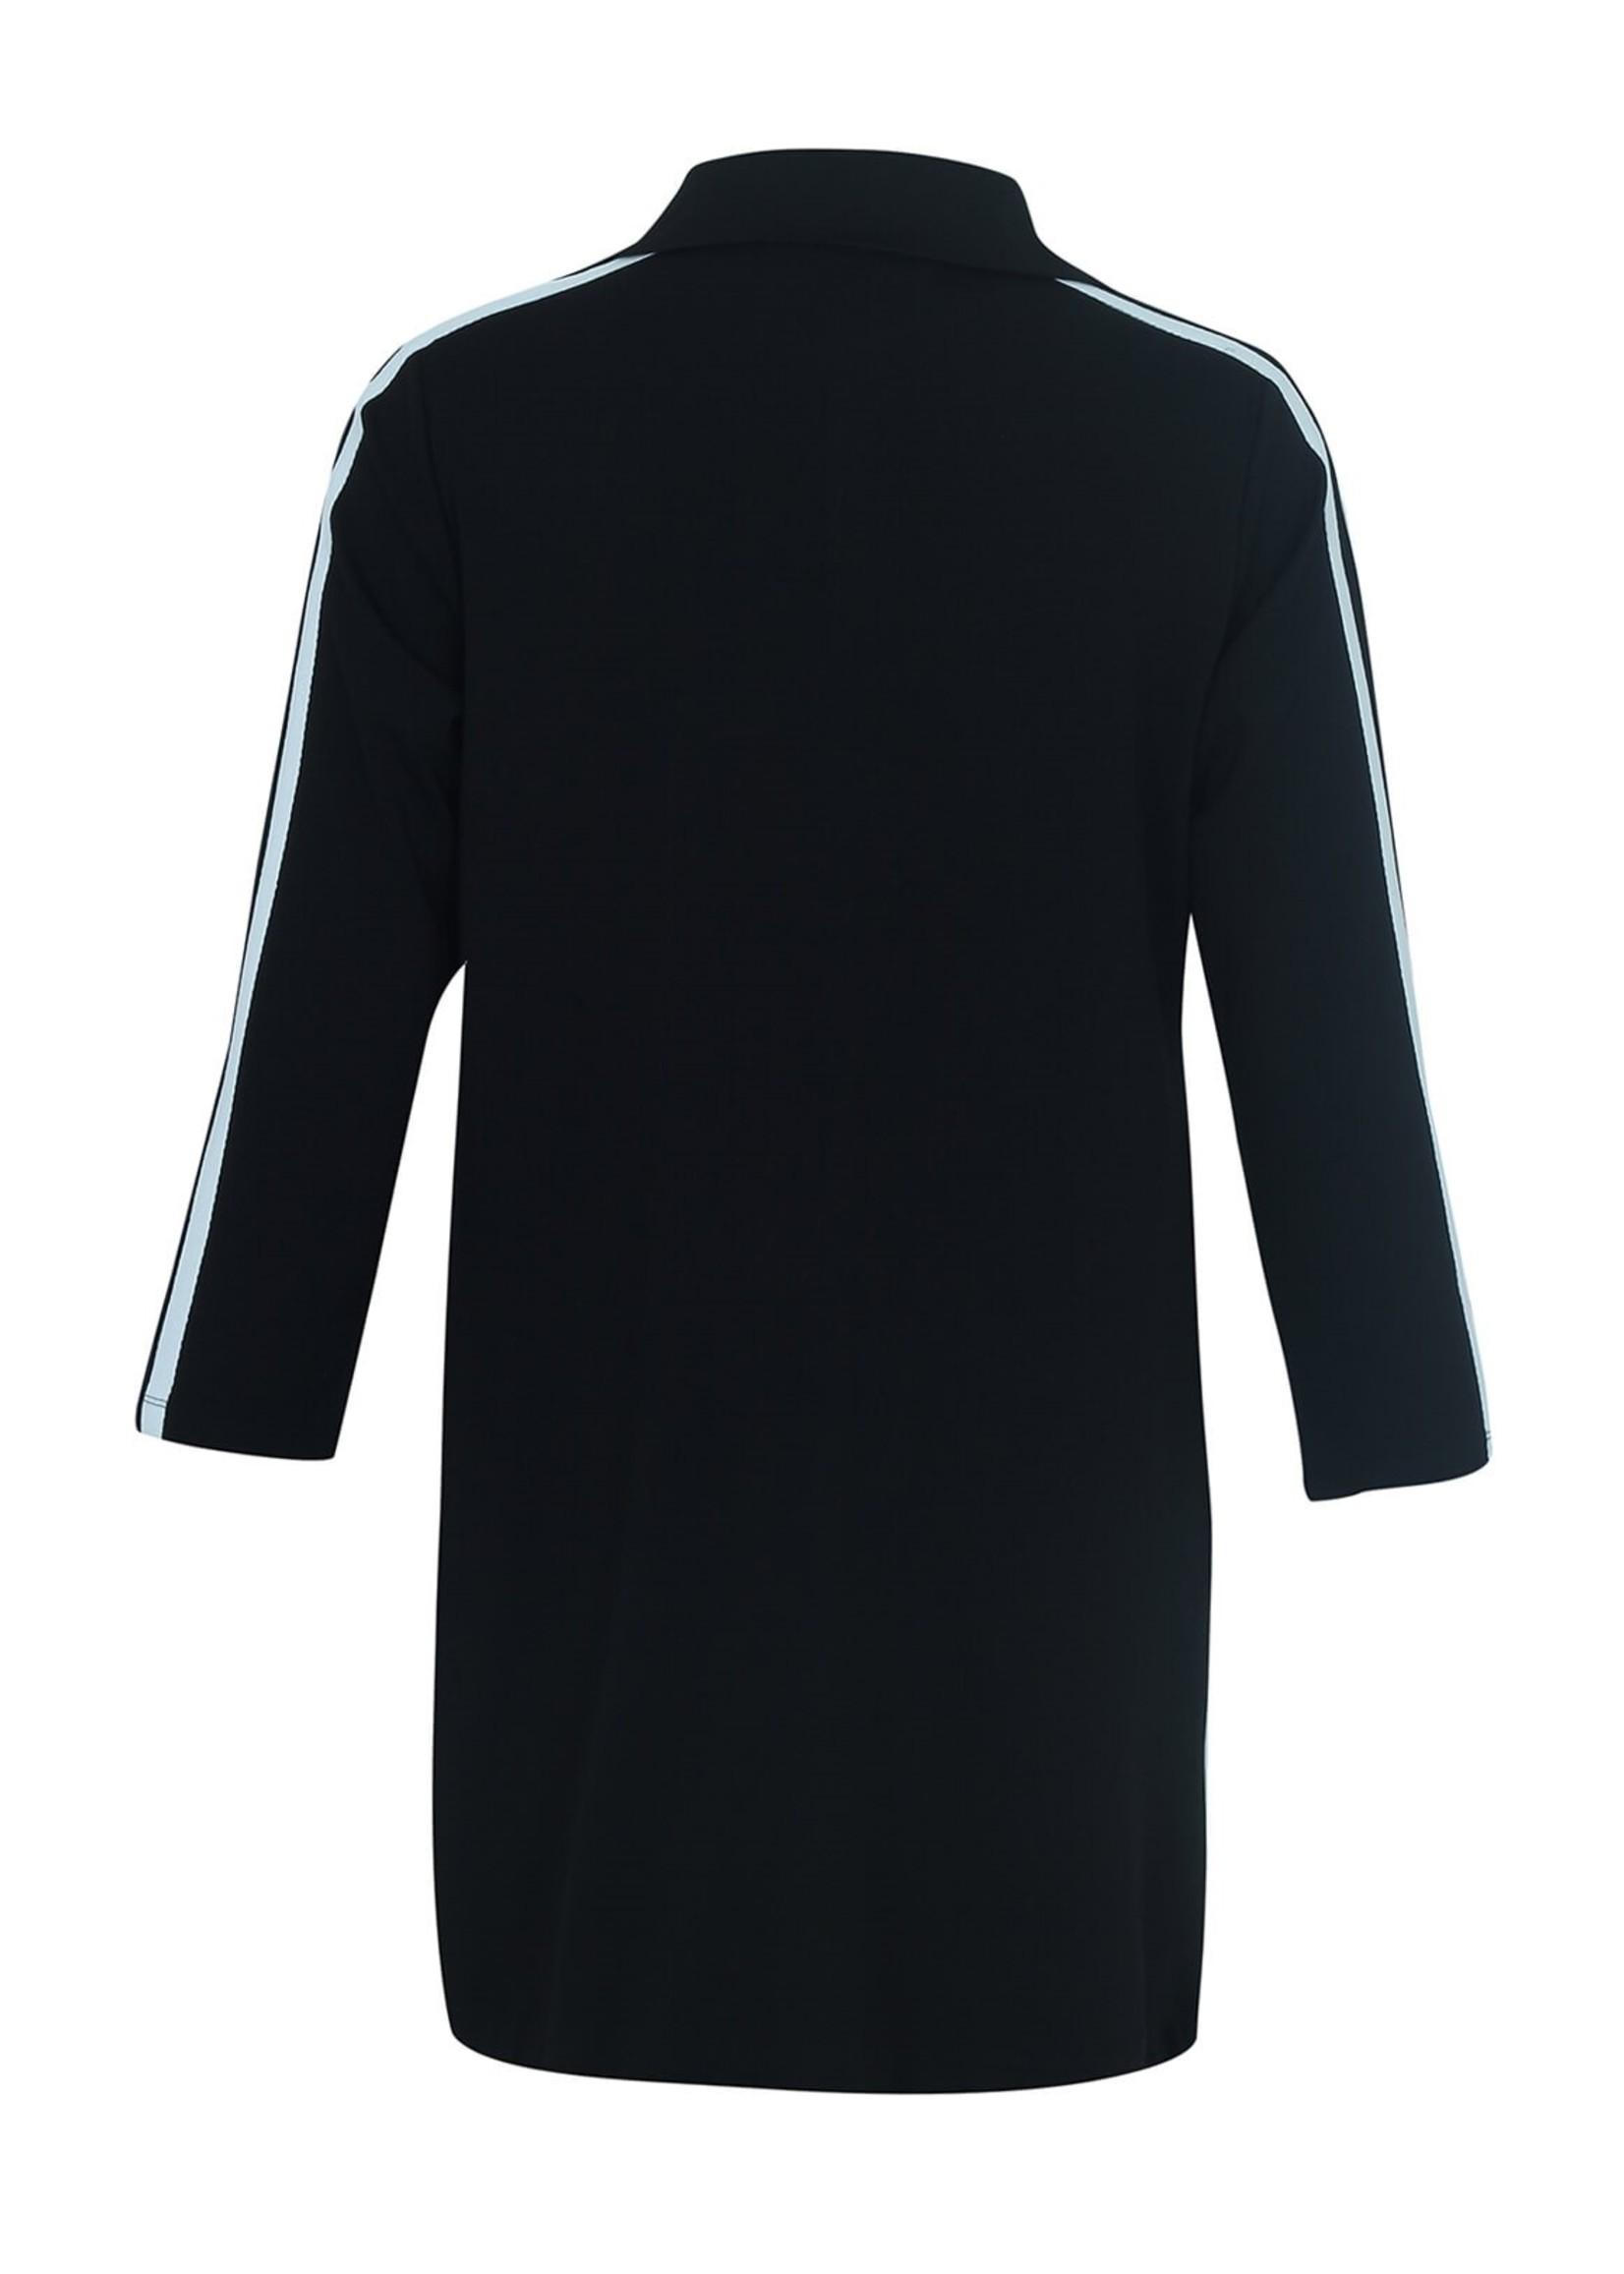 STEPPINOUT 1615 dress